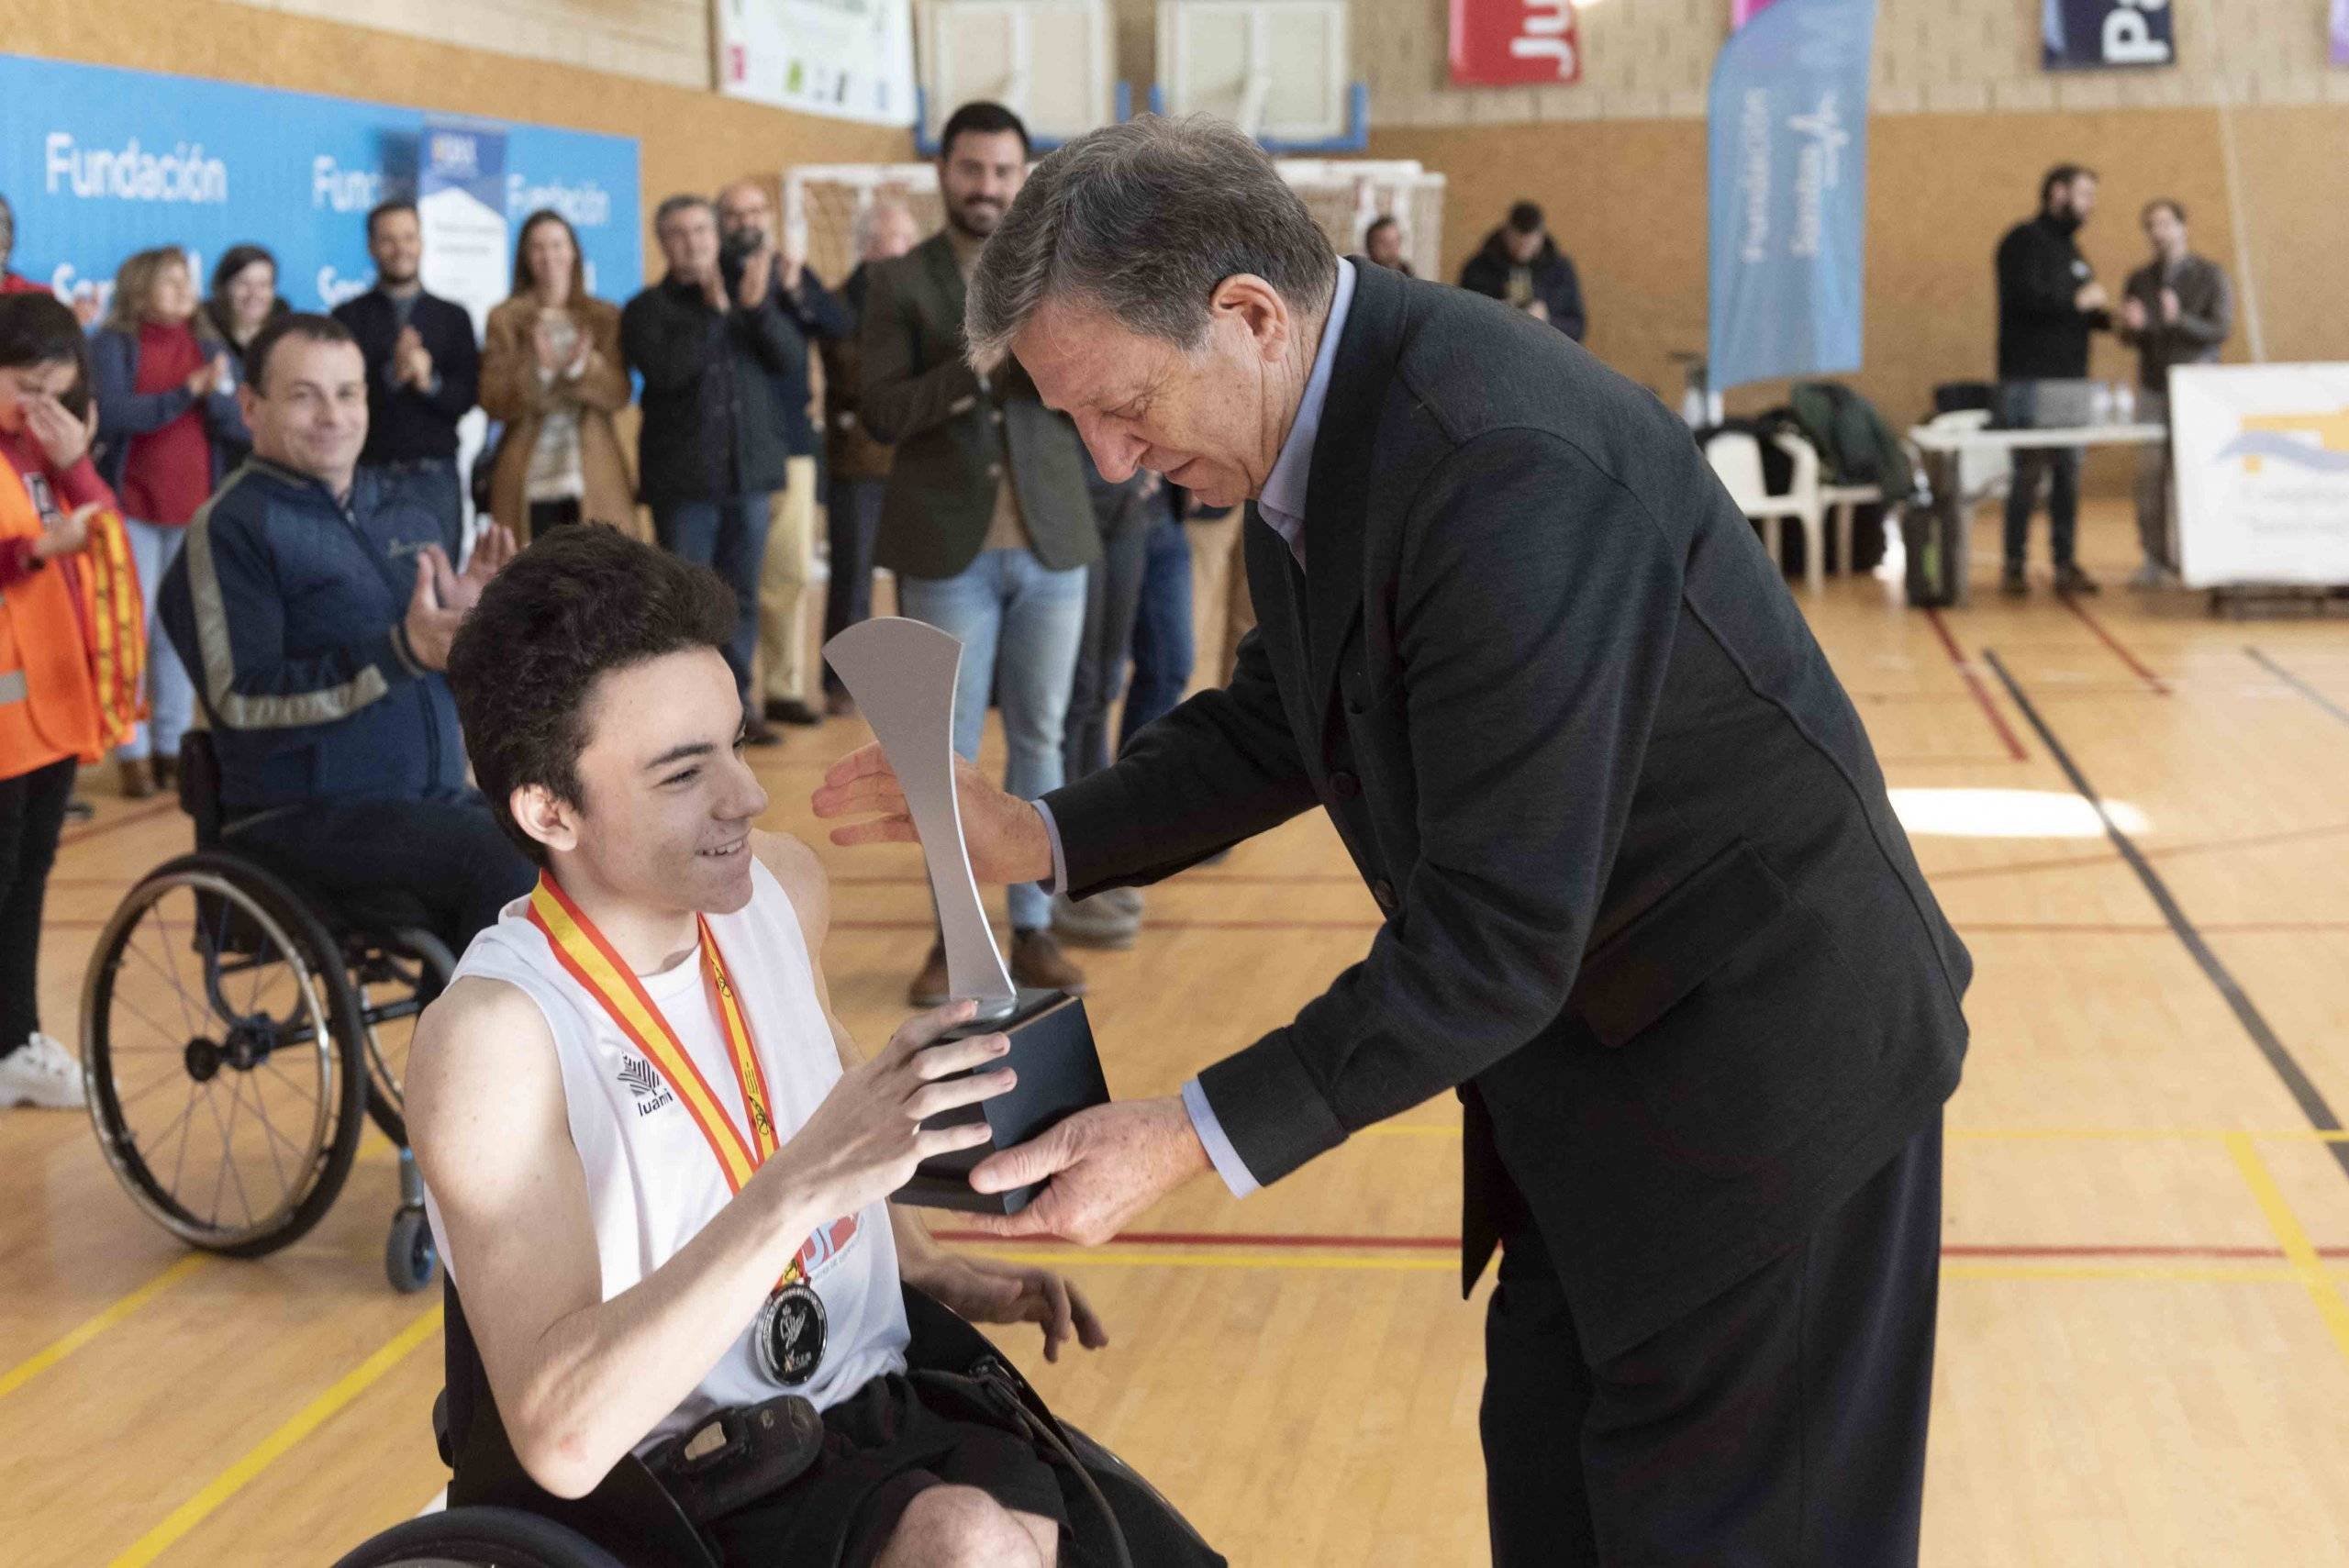 El alcalde, Luis Partida, entrega el tercer premio al capitán de la selección aragonesa.